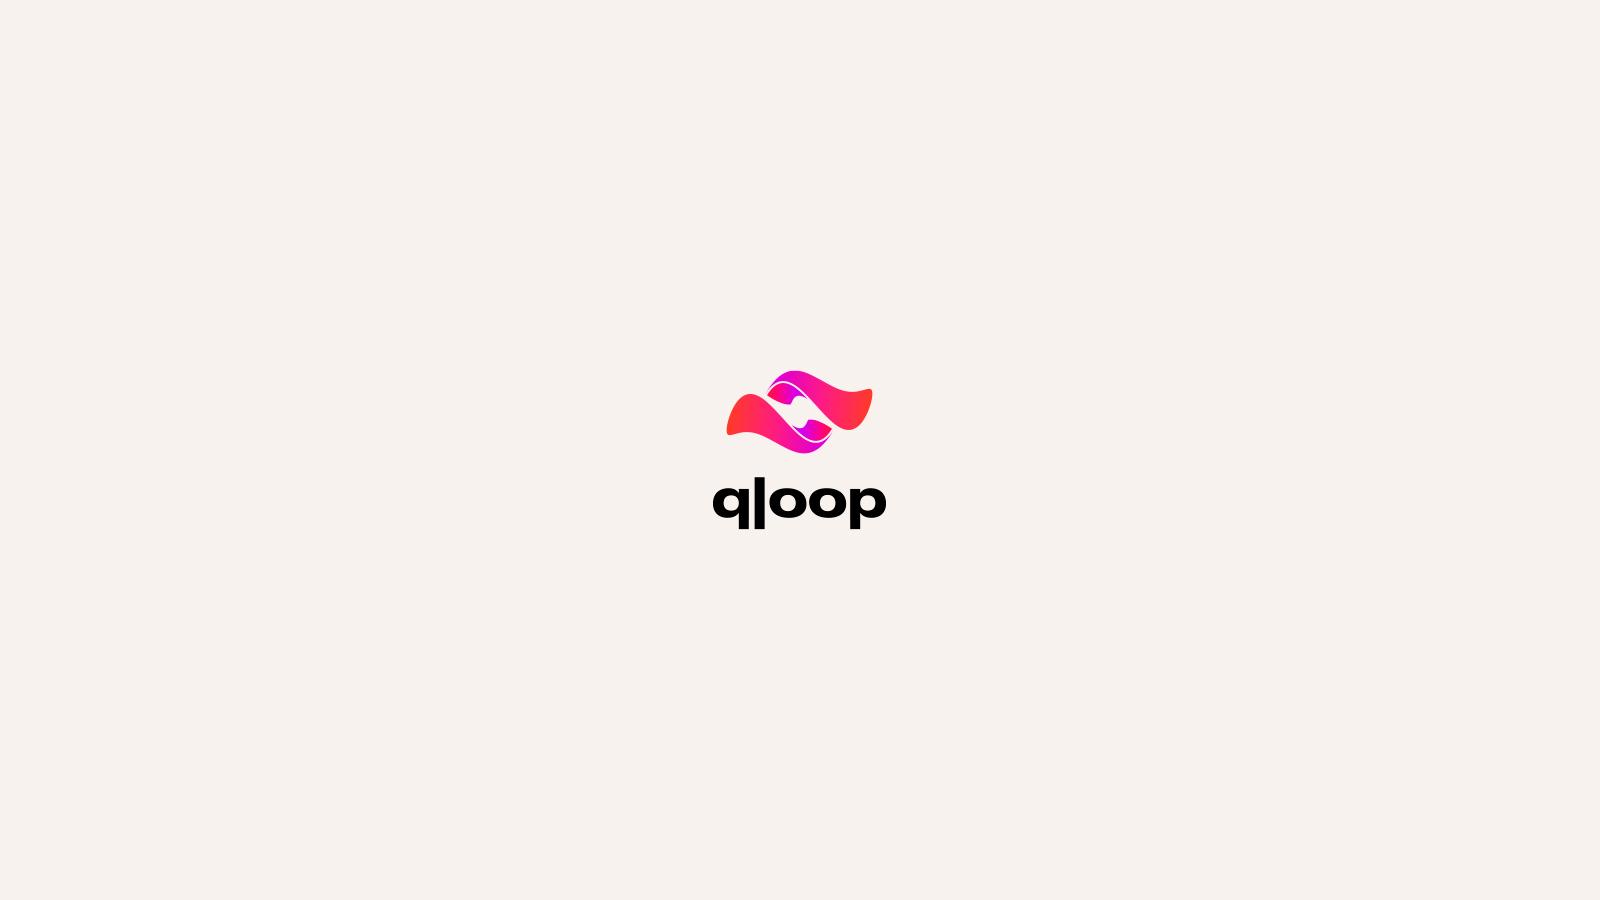 qloop 6.jpg